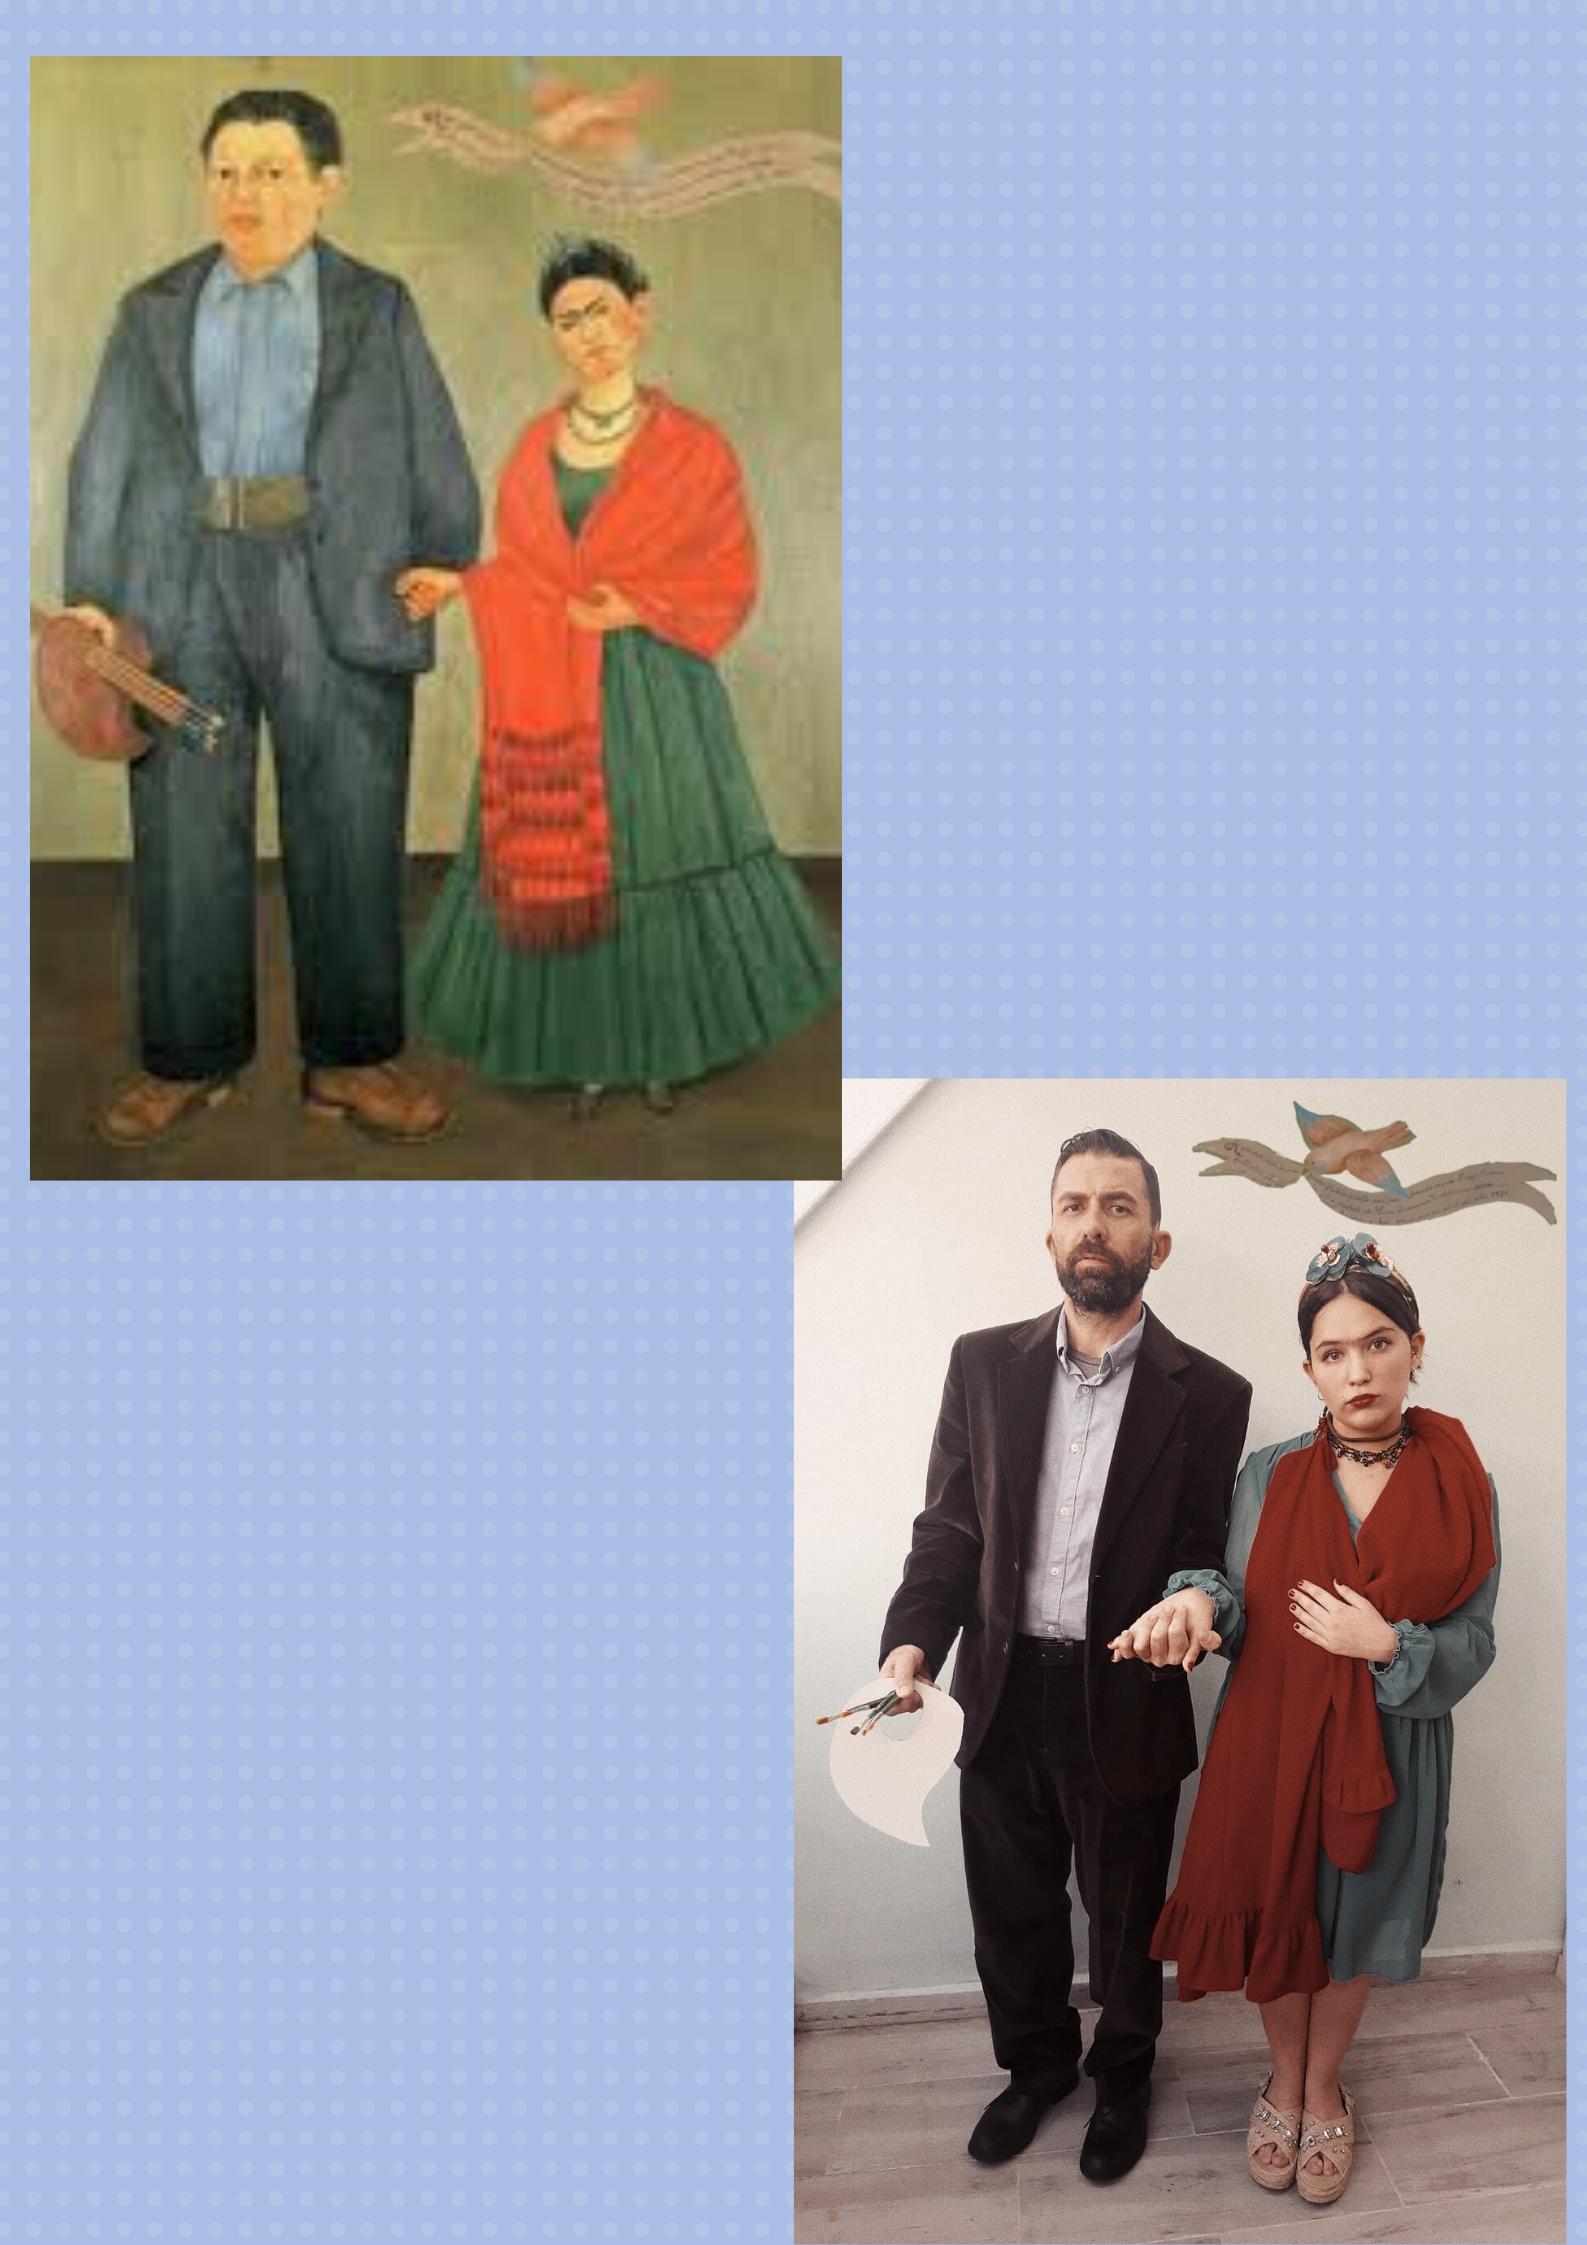 Diego y yo. La paloma y el elefante posan juntos en este retrato de Frida Kahlo vs Alma de Indira Godoy